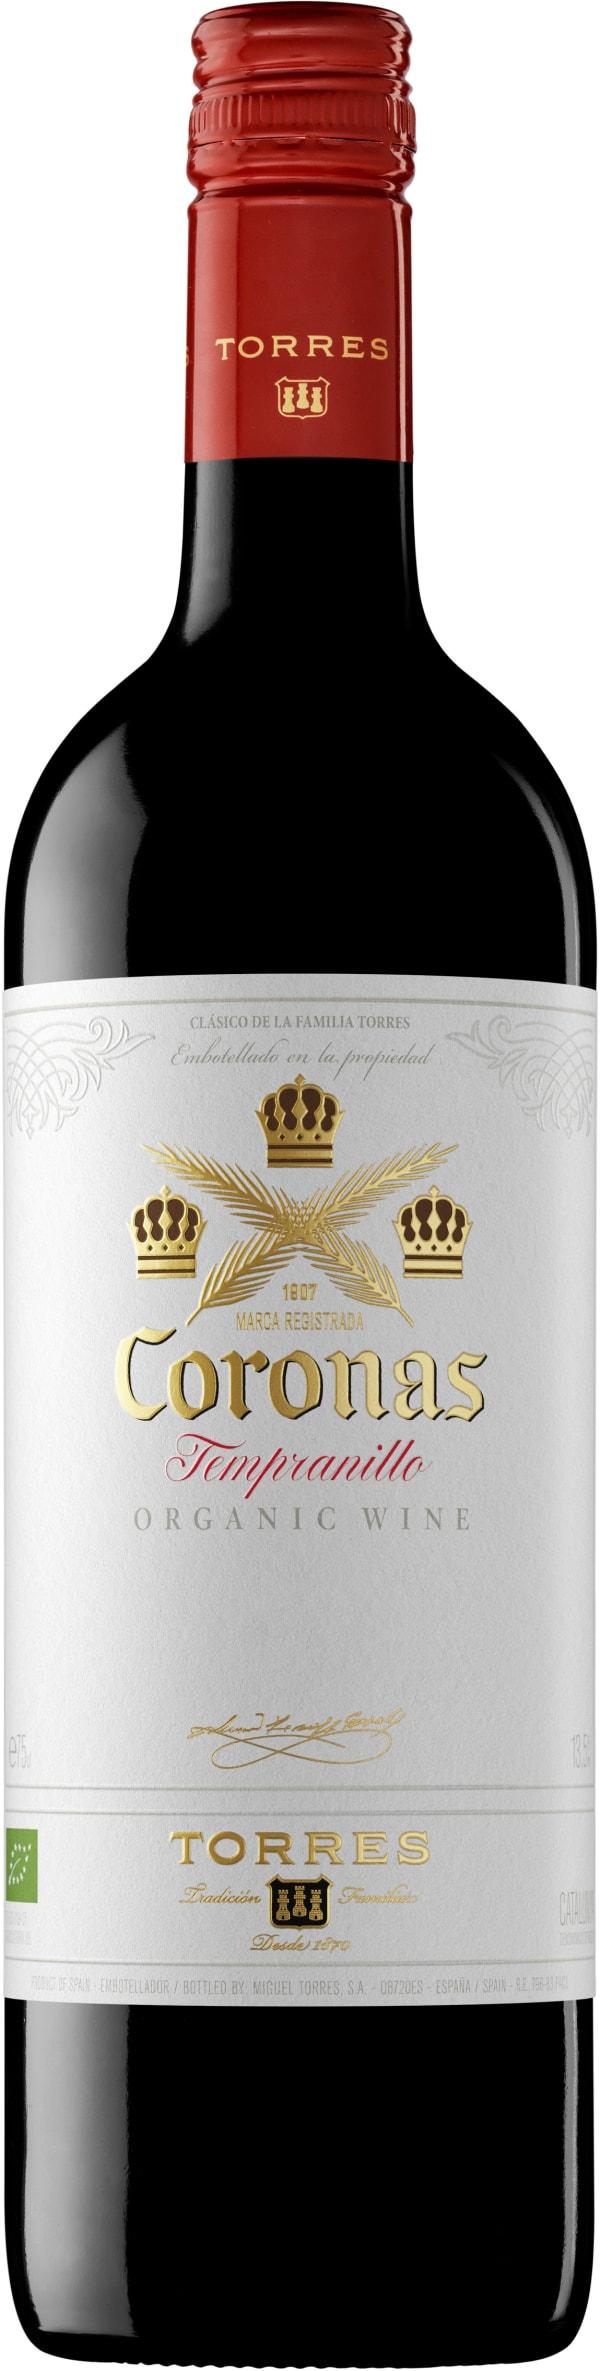 Torres Coronas Tempranillo Organic 2017